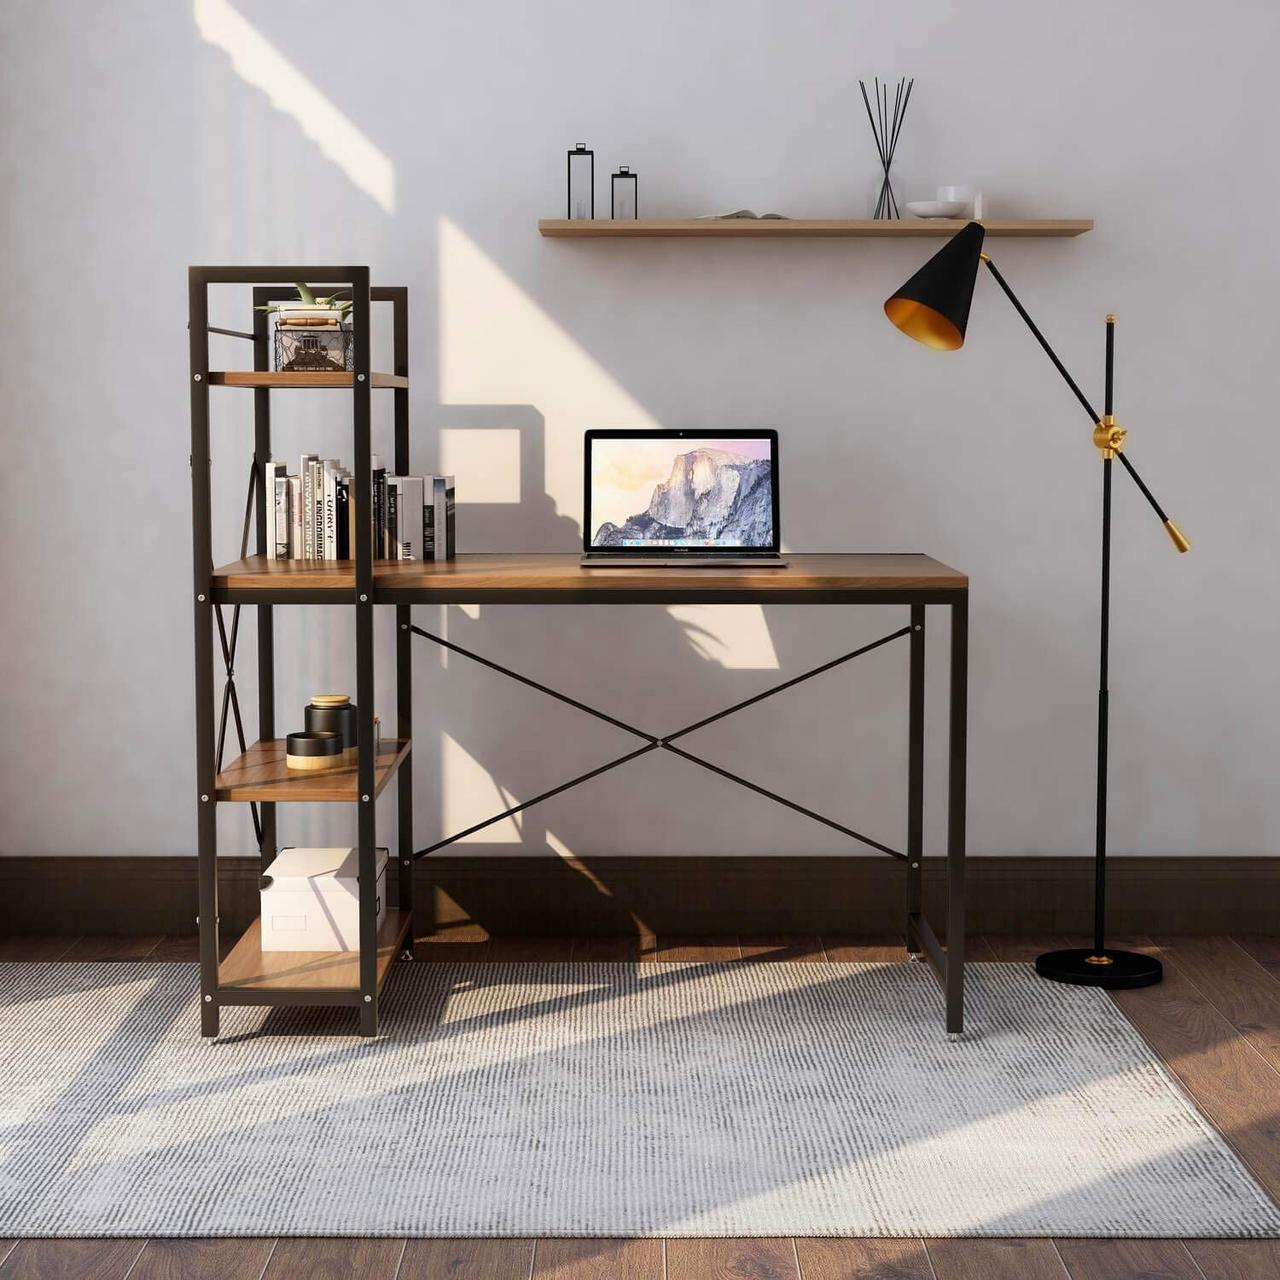 Комп'ютерний стіл STEP в стилі Loft Стіл для комп'ютера письмовий з полицею Лофт